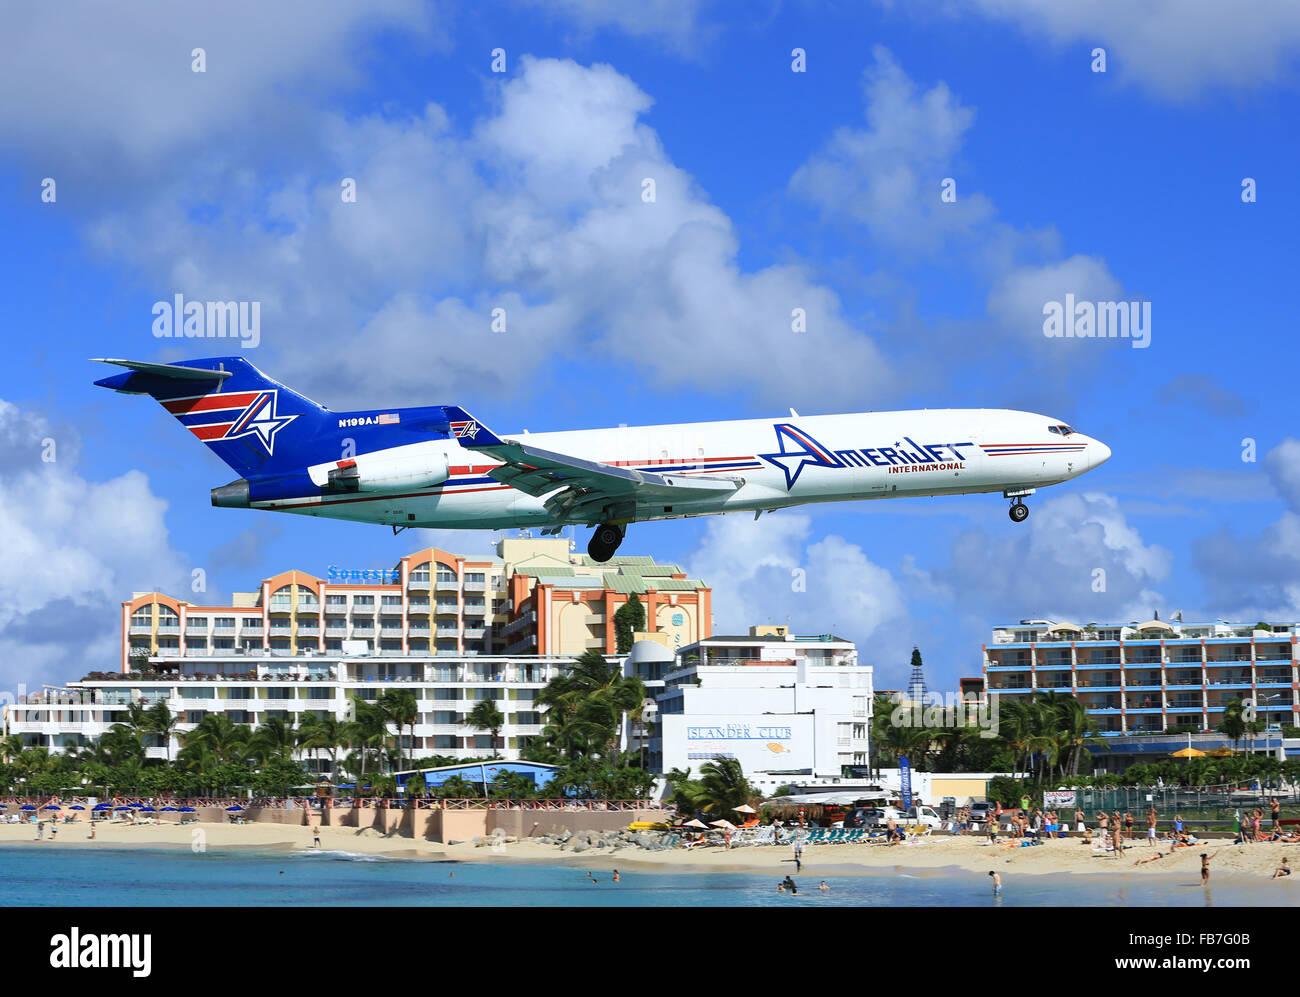 Un Boeing 727 de carga Amrijet bajos en Maho Beach llegar a Sint Maarten (SXM) en el Caribe Foto de stock